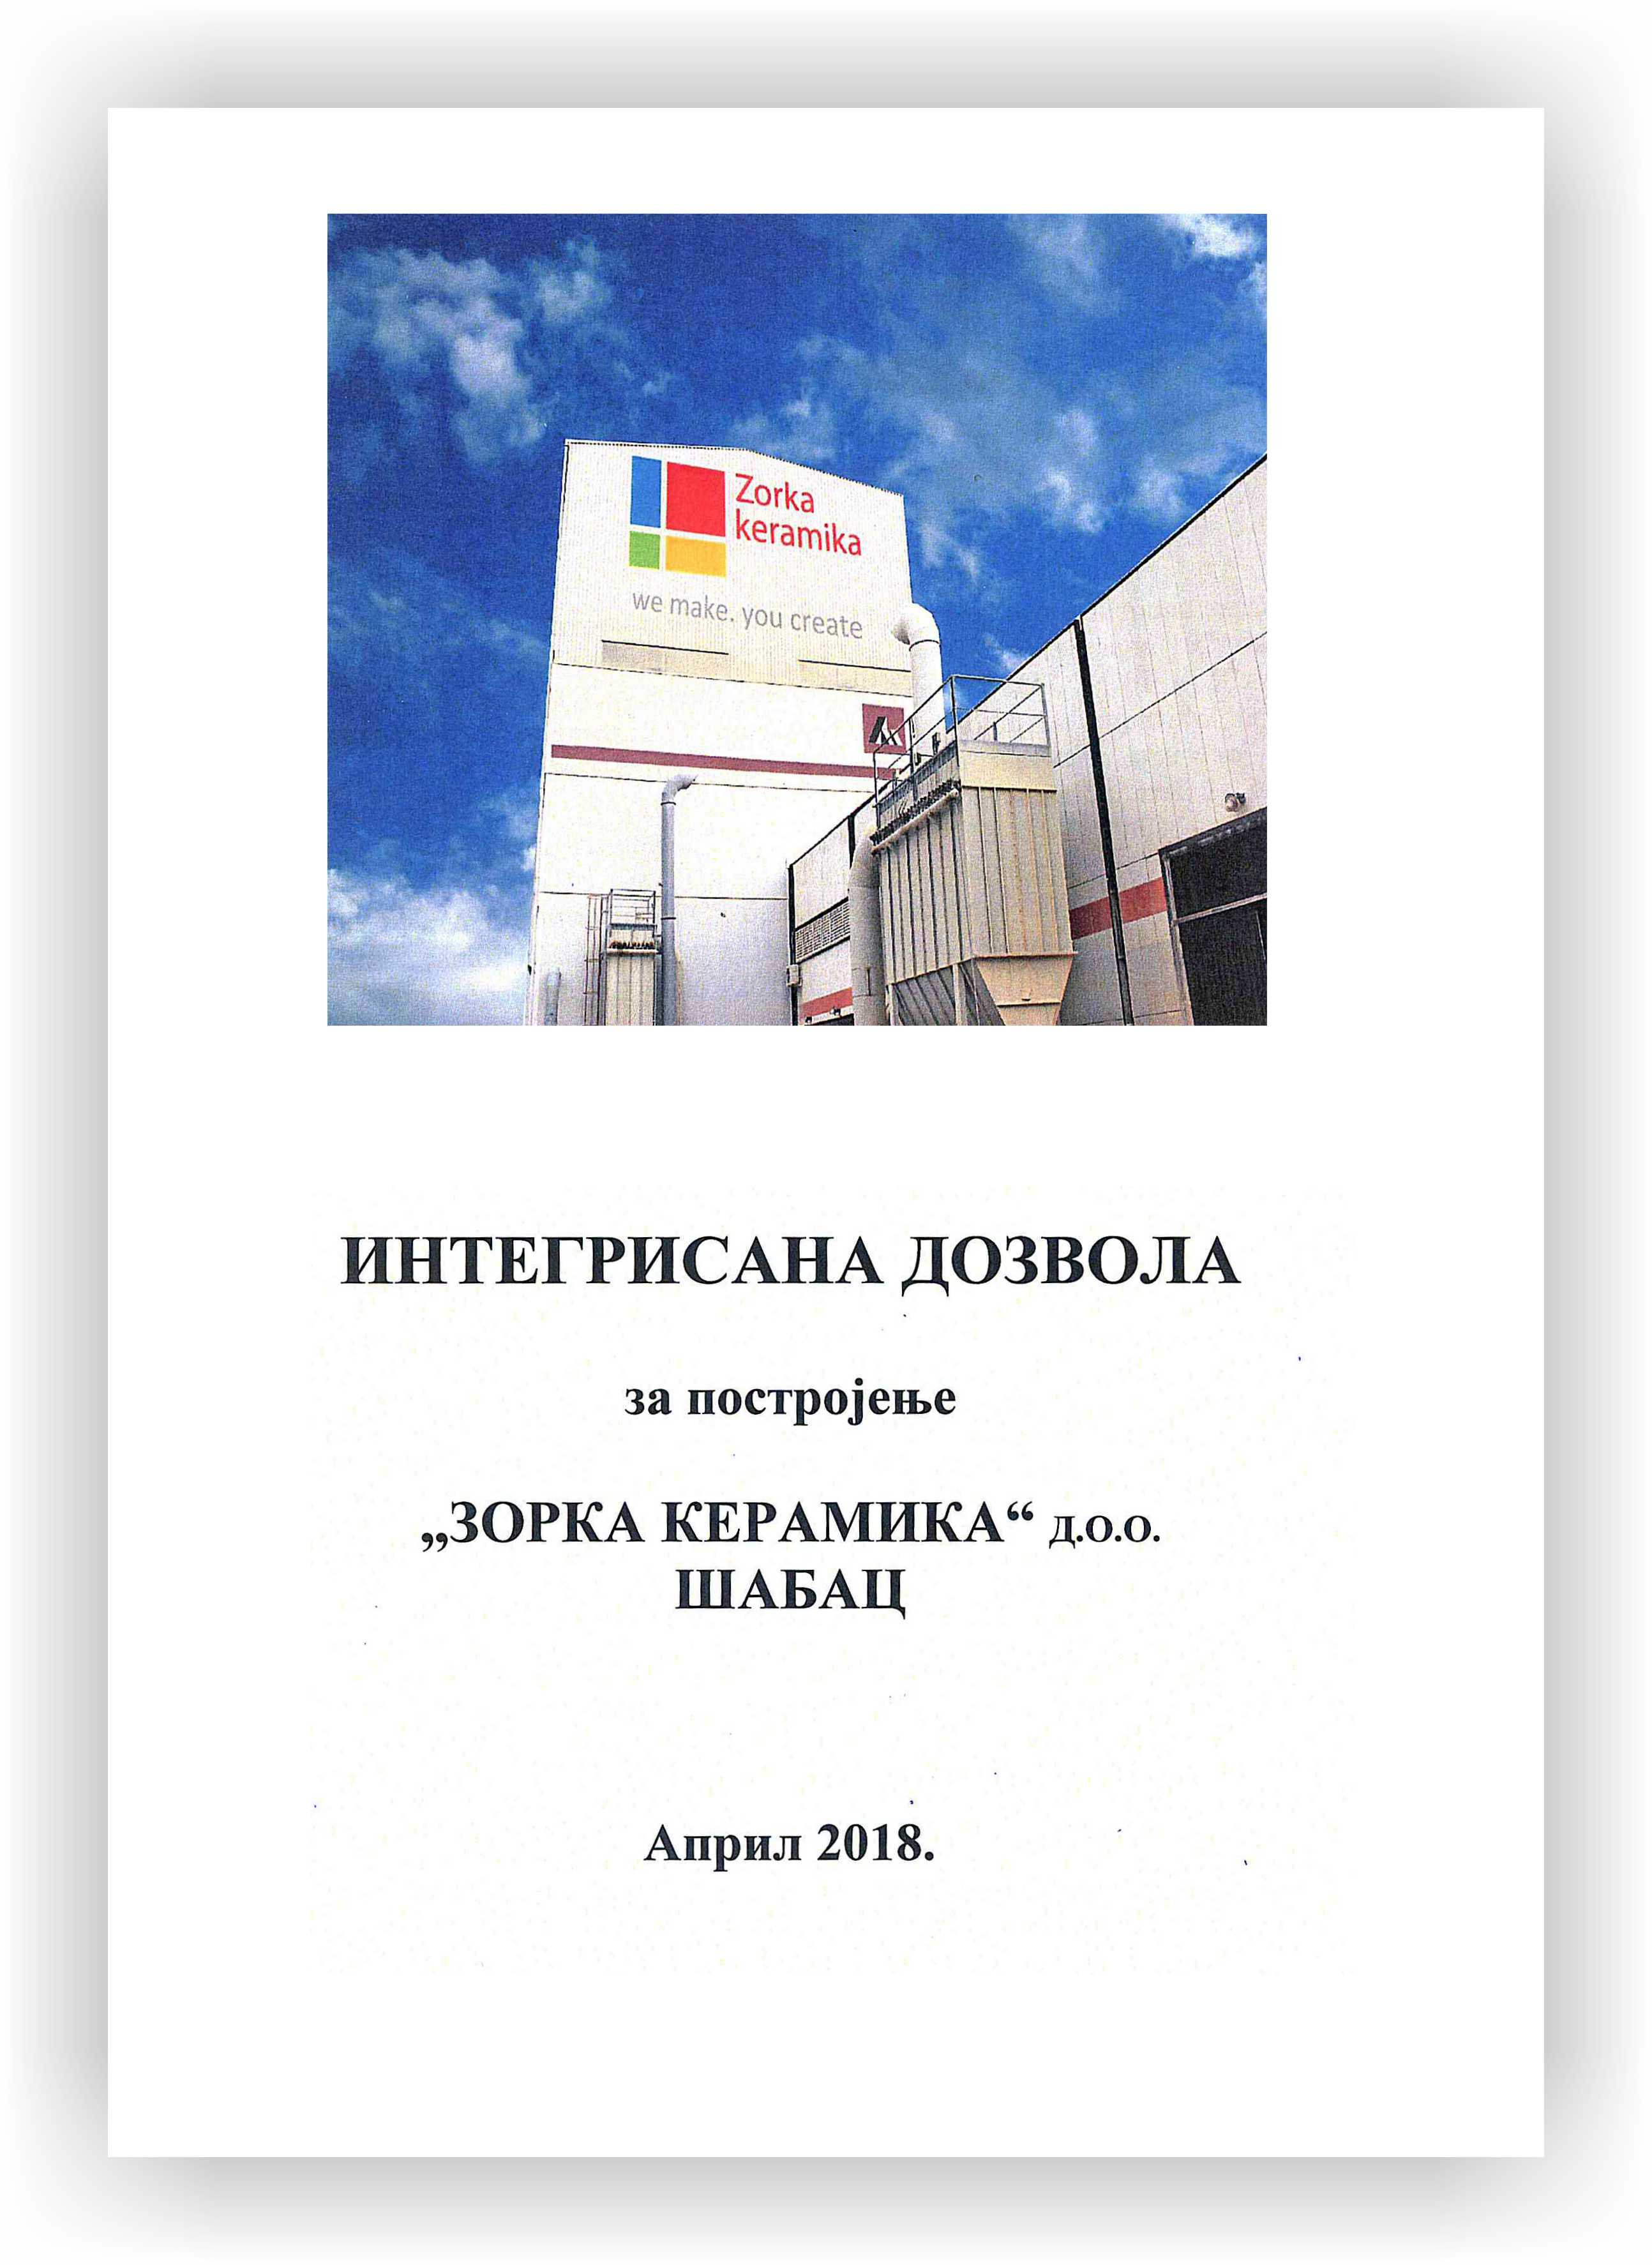 Kompaniji ZORKA KERAMIKA uručena Integrisana dozvola (IPPC)